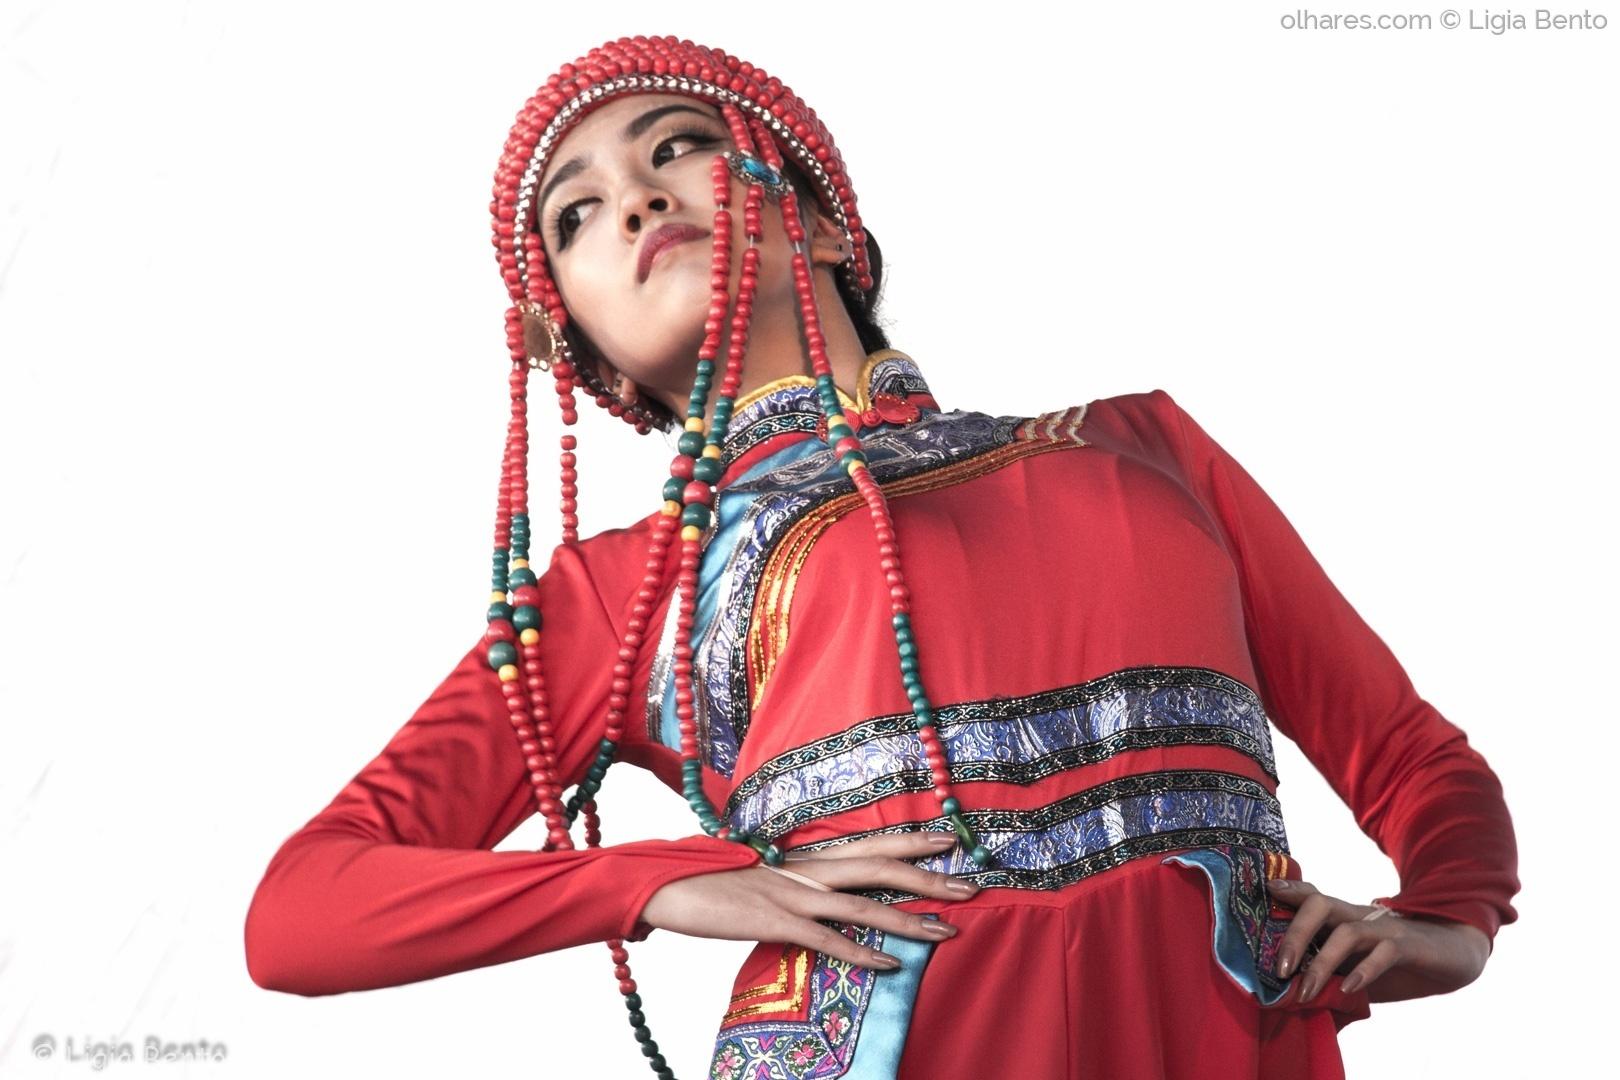 Espetáculos/vermelho etnico